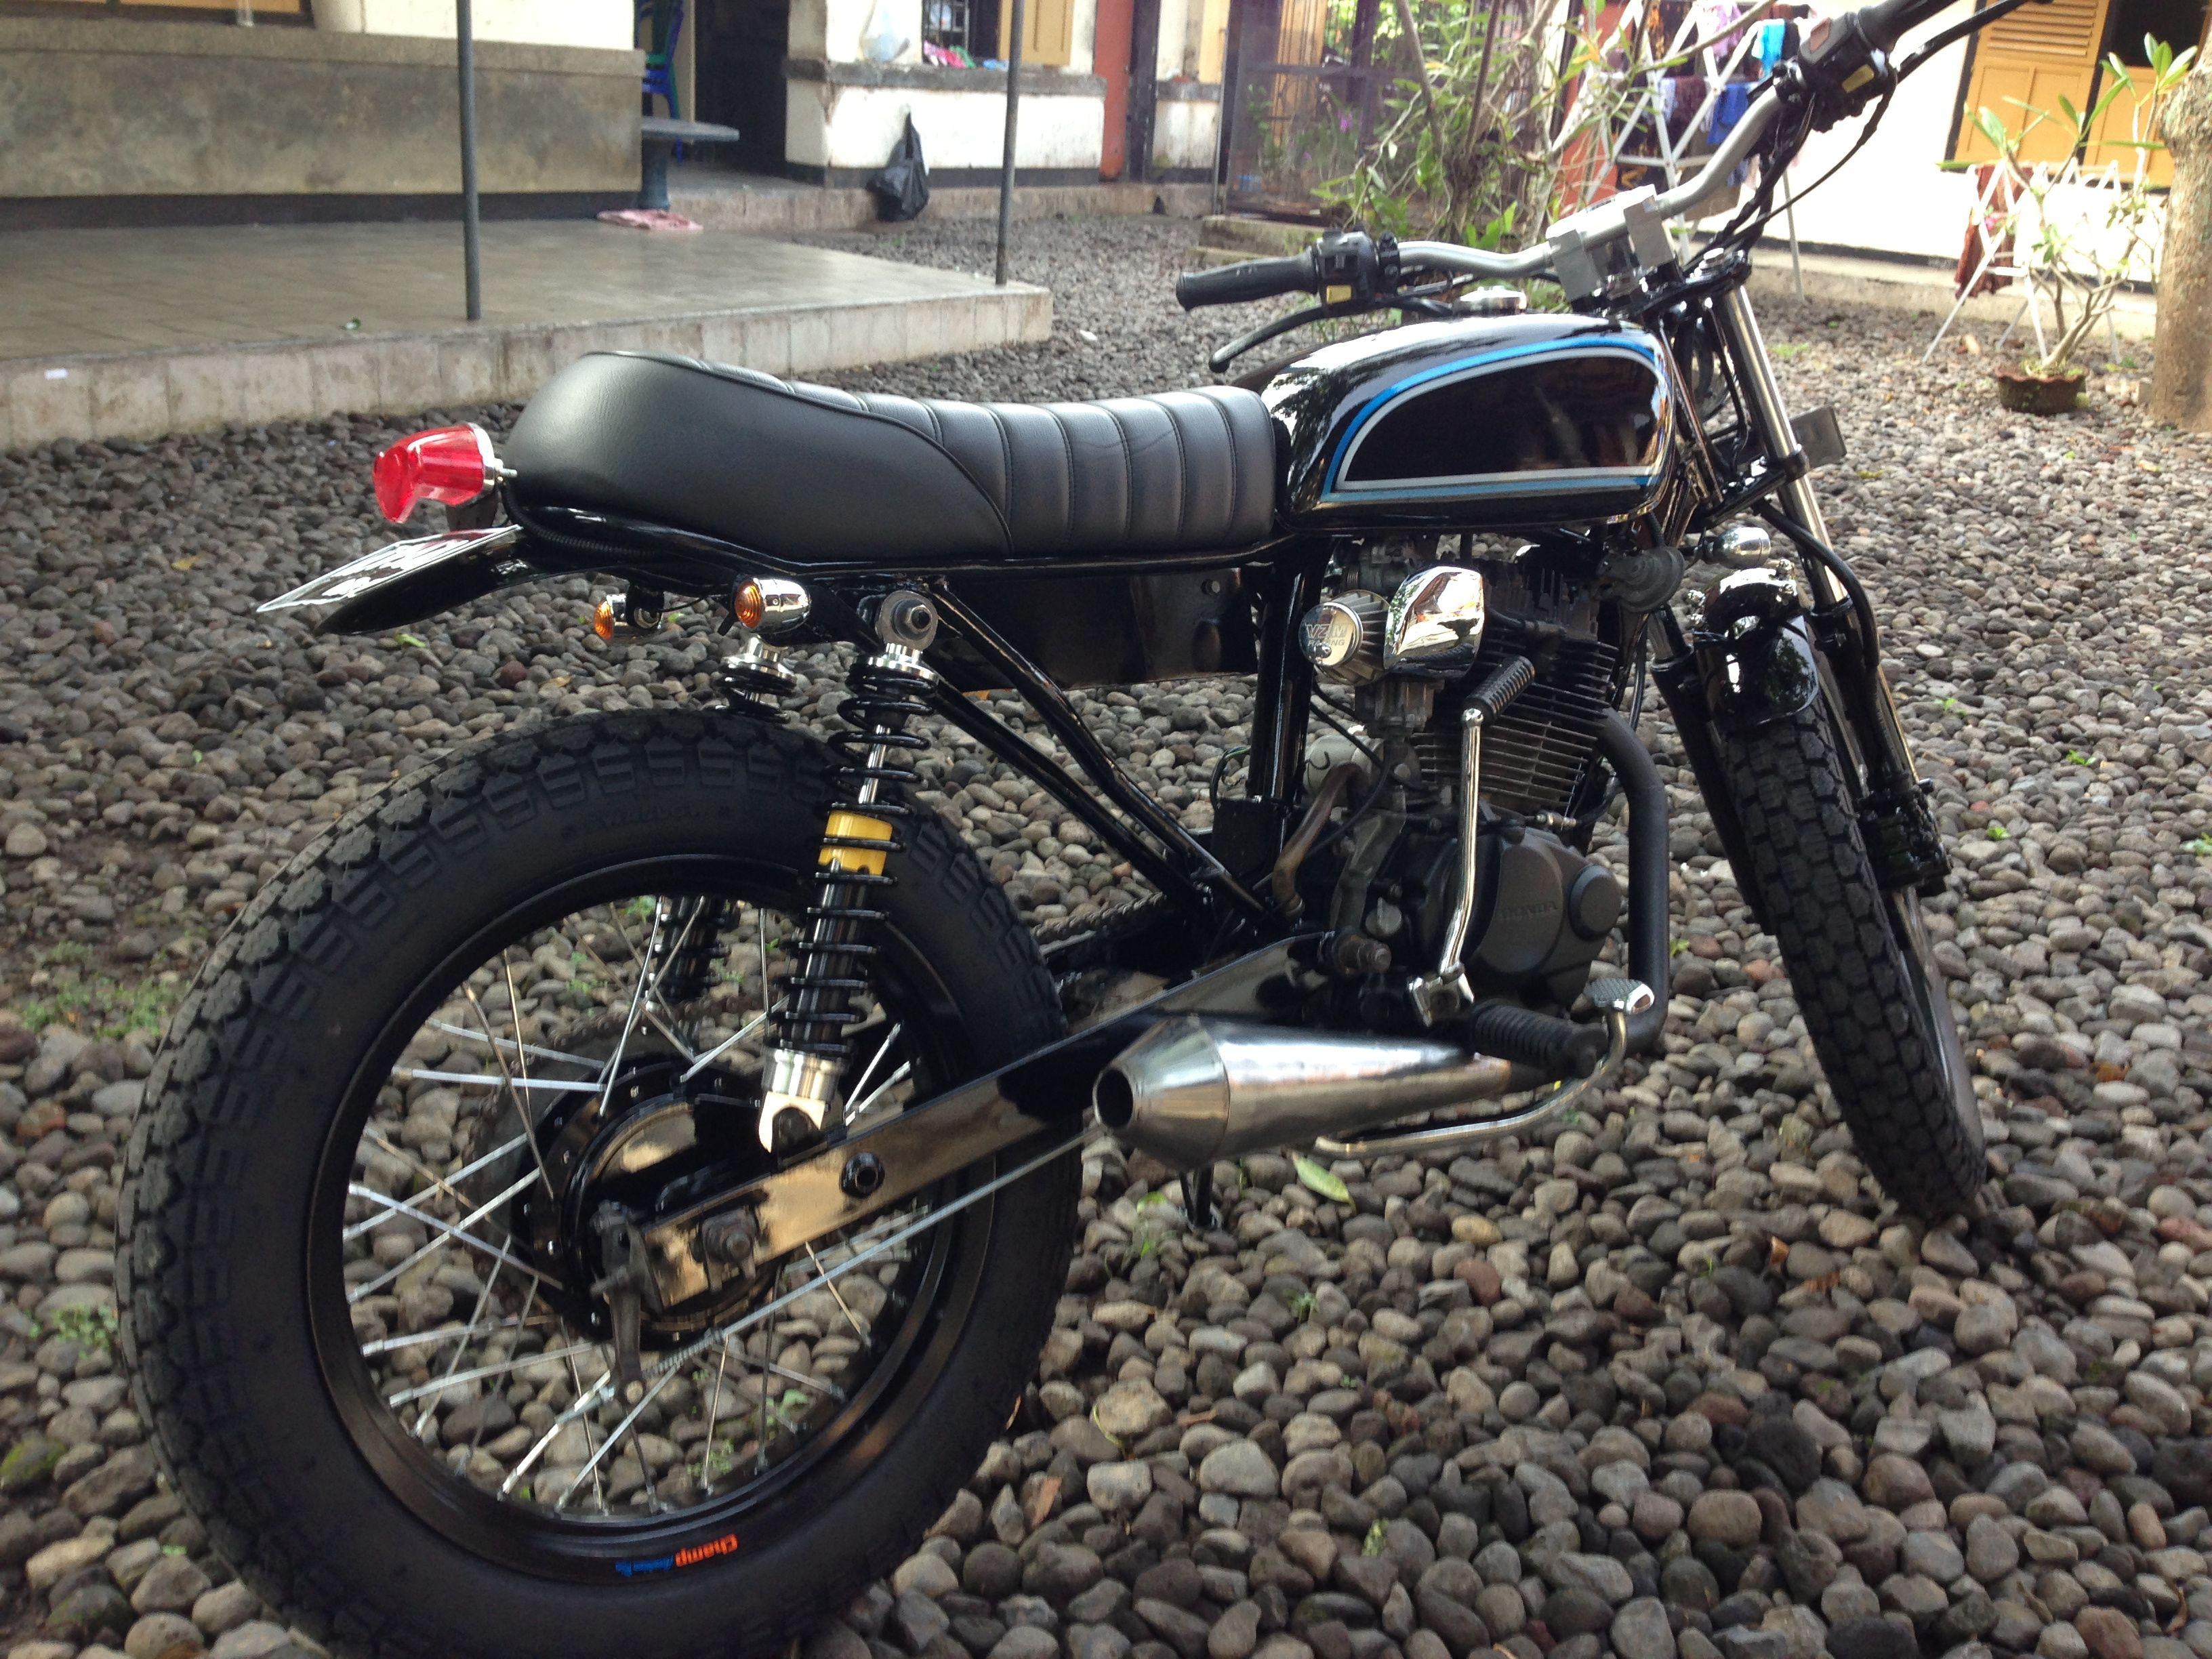 Modifikasi Motor Jap Style Dengan Honda Tiger Modifikasi Motor